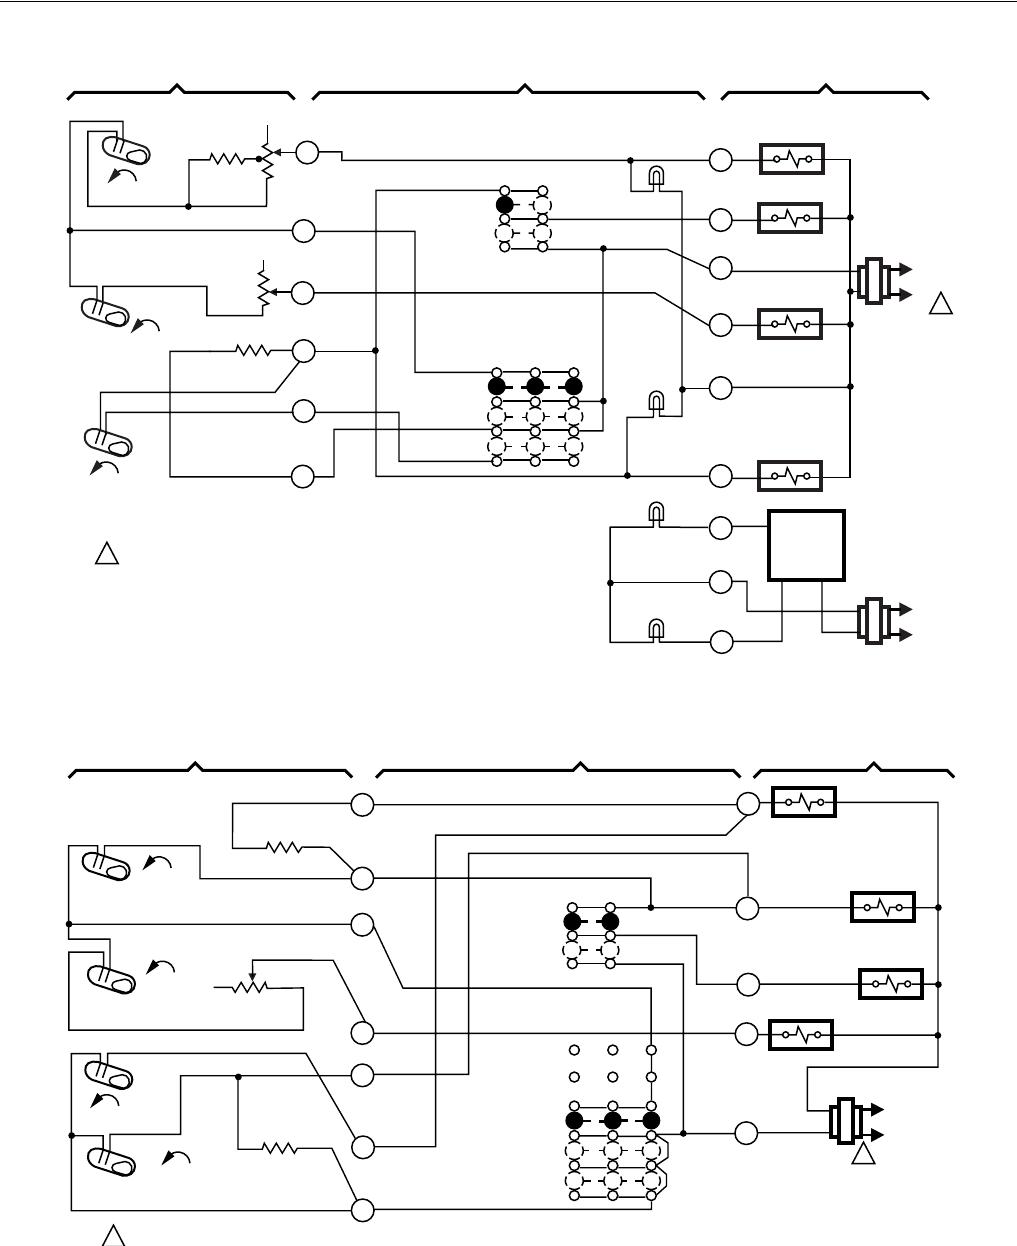 Robertshaw Thermostat Line Voltage 3 Phase Wiring Diagram